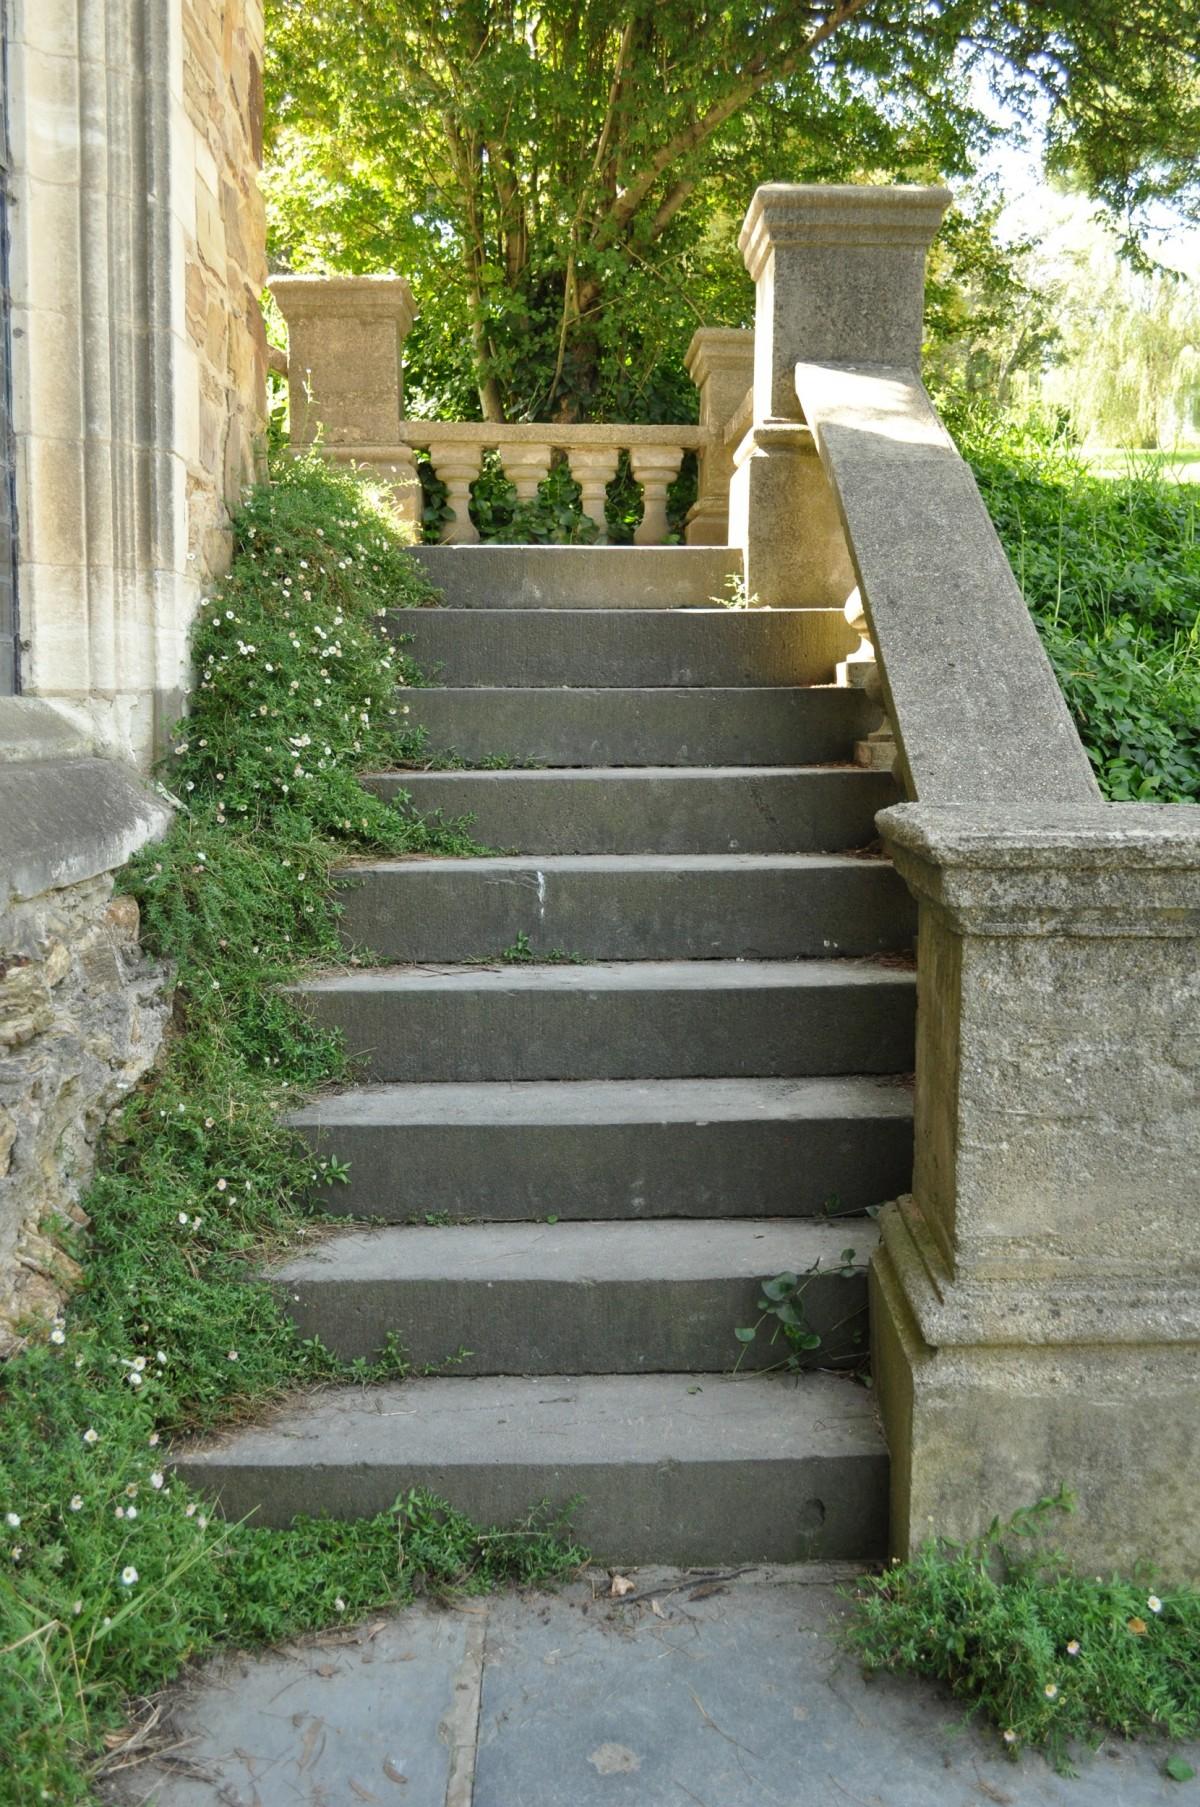 garden stairway without decoration